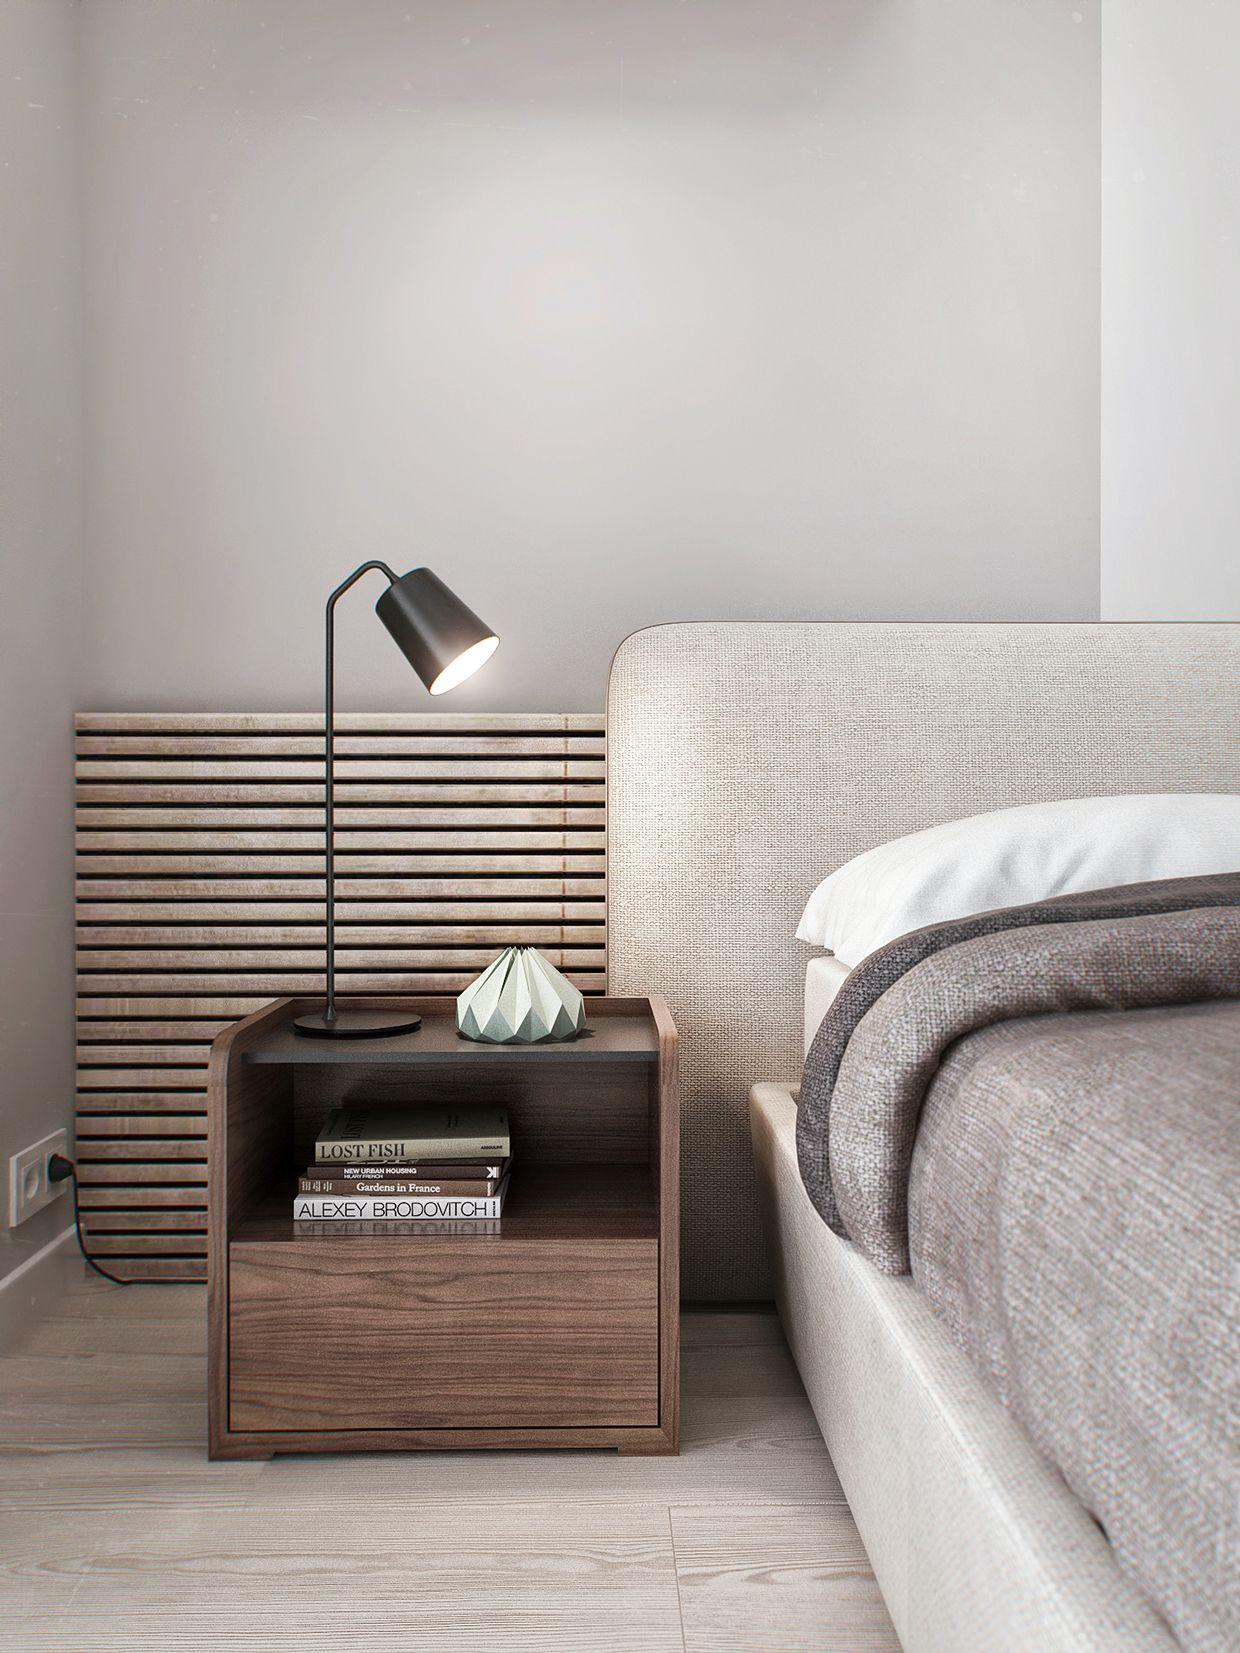 INTERIOR AMMM   Möbel   Pinterest   Schlafzimmer, Modernes Schlafzimmer Und  Innenarchitektur